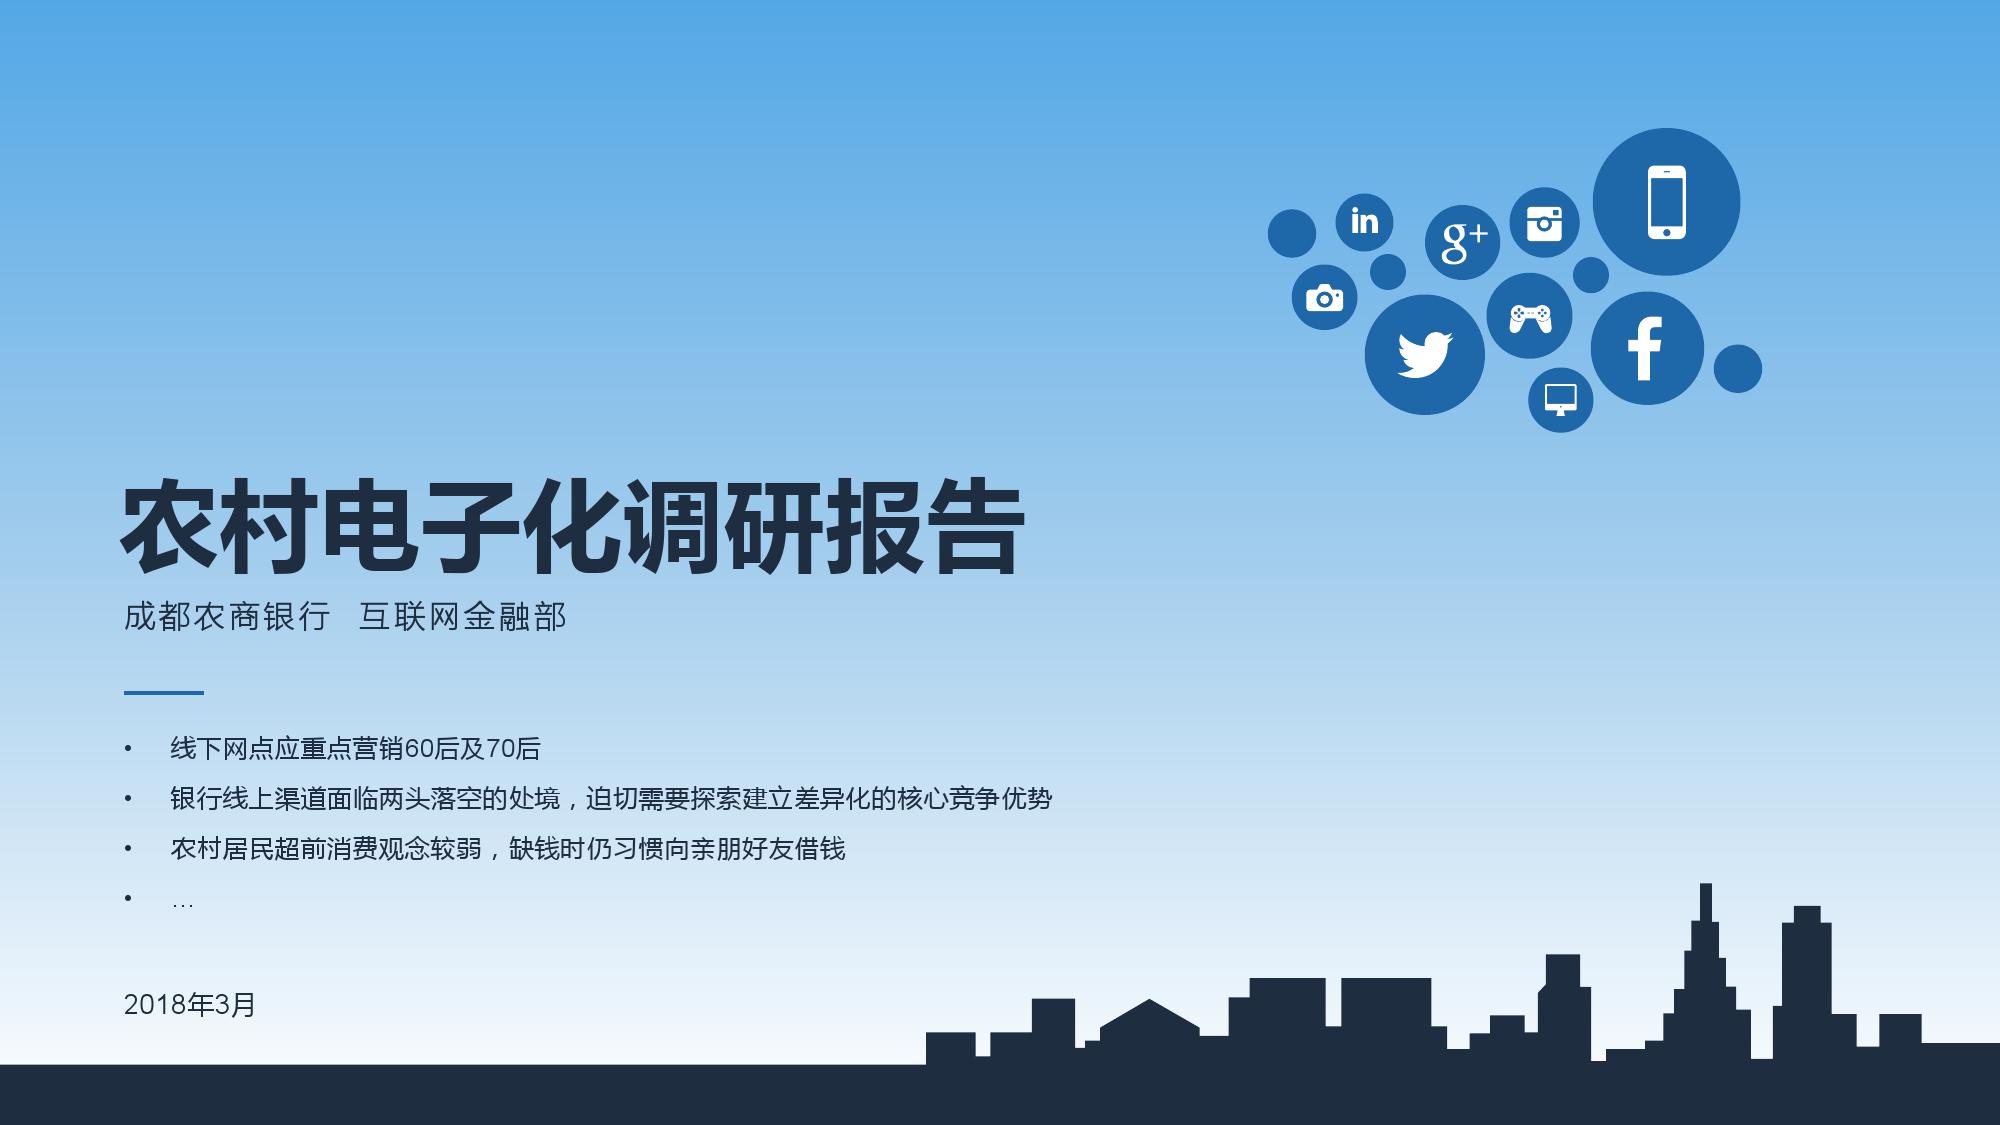 成都农商银行:2017农村电子化调研报告